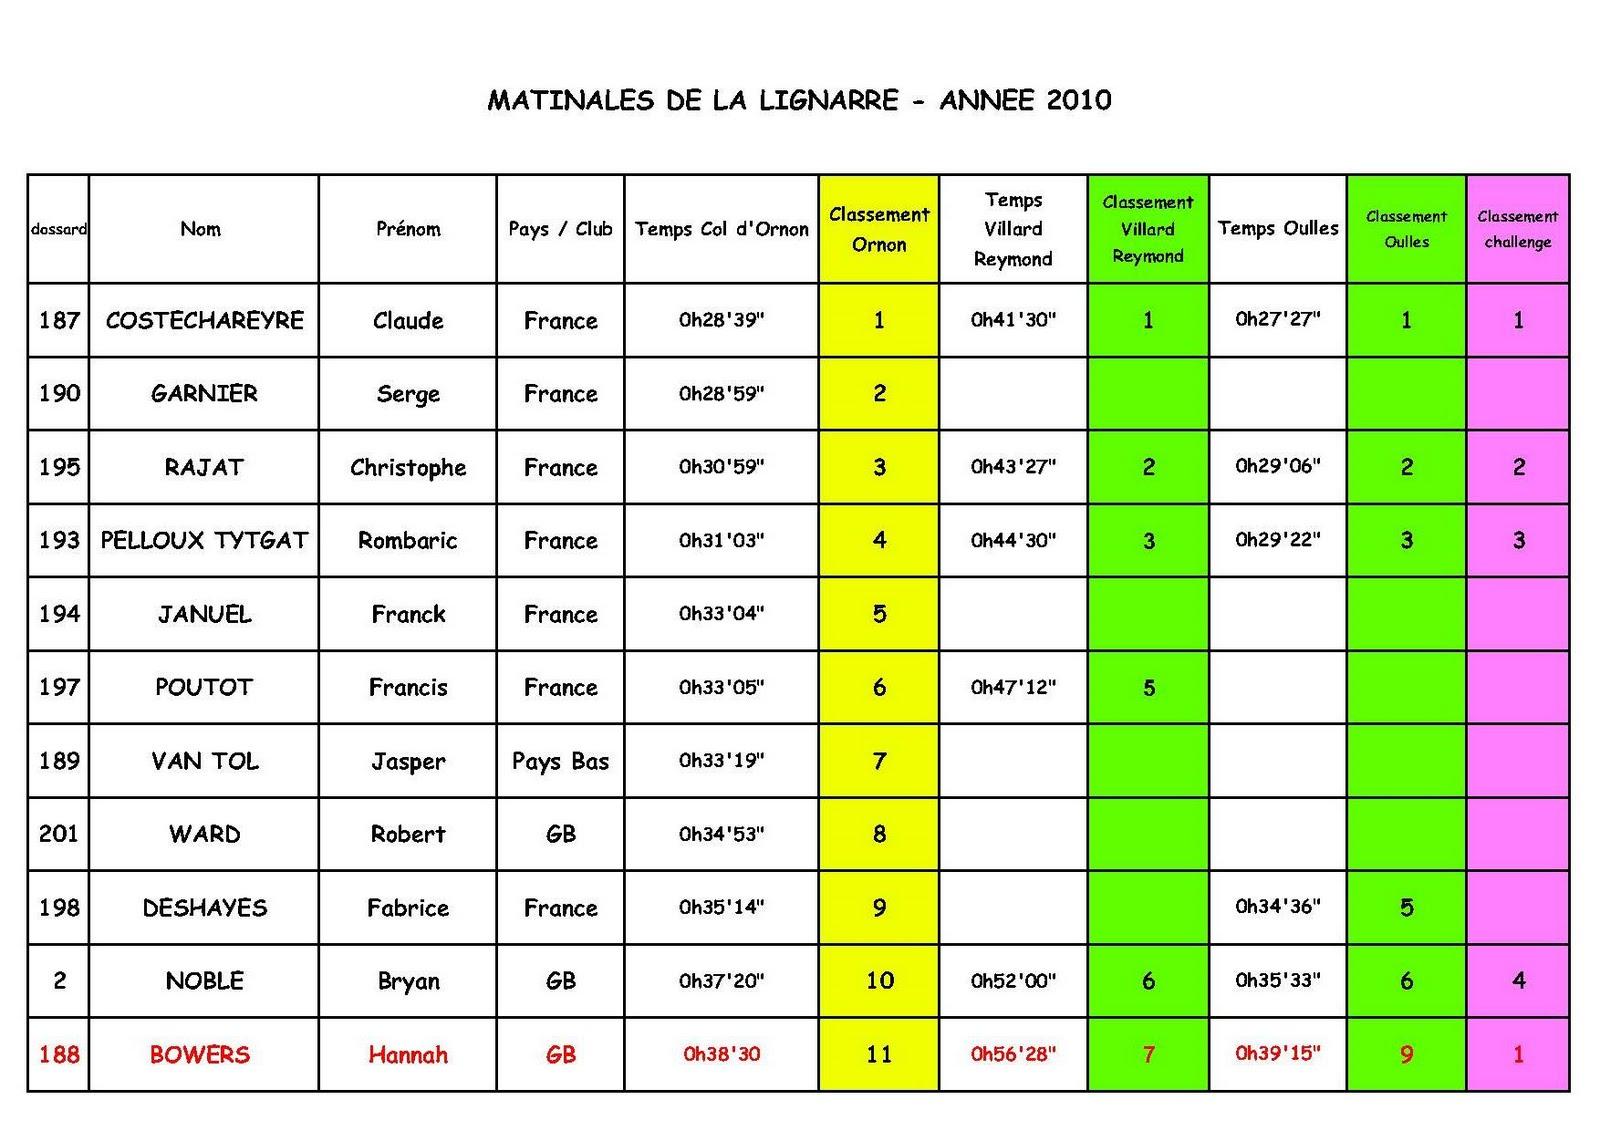 News de l 39 office de tourisme bourg d 39 oisans matinales de la lignarre - Bourg d oisans office tourisme ...